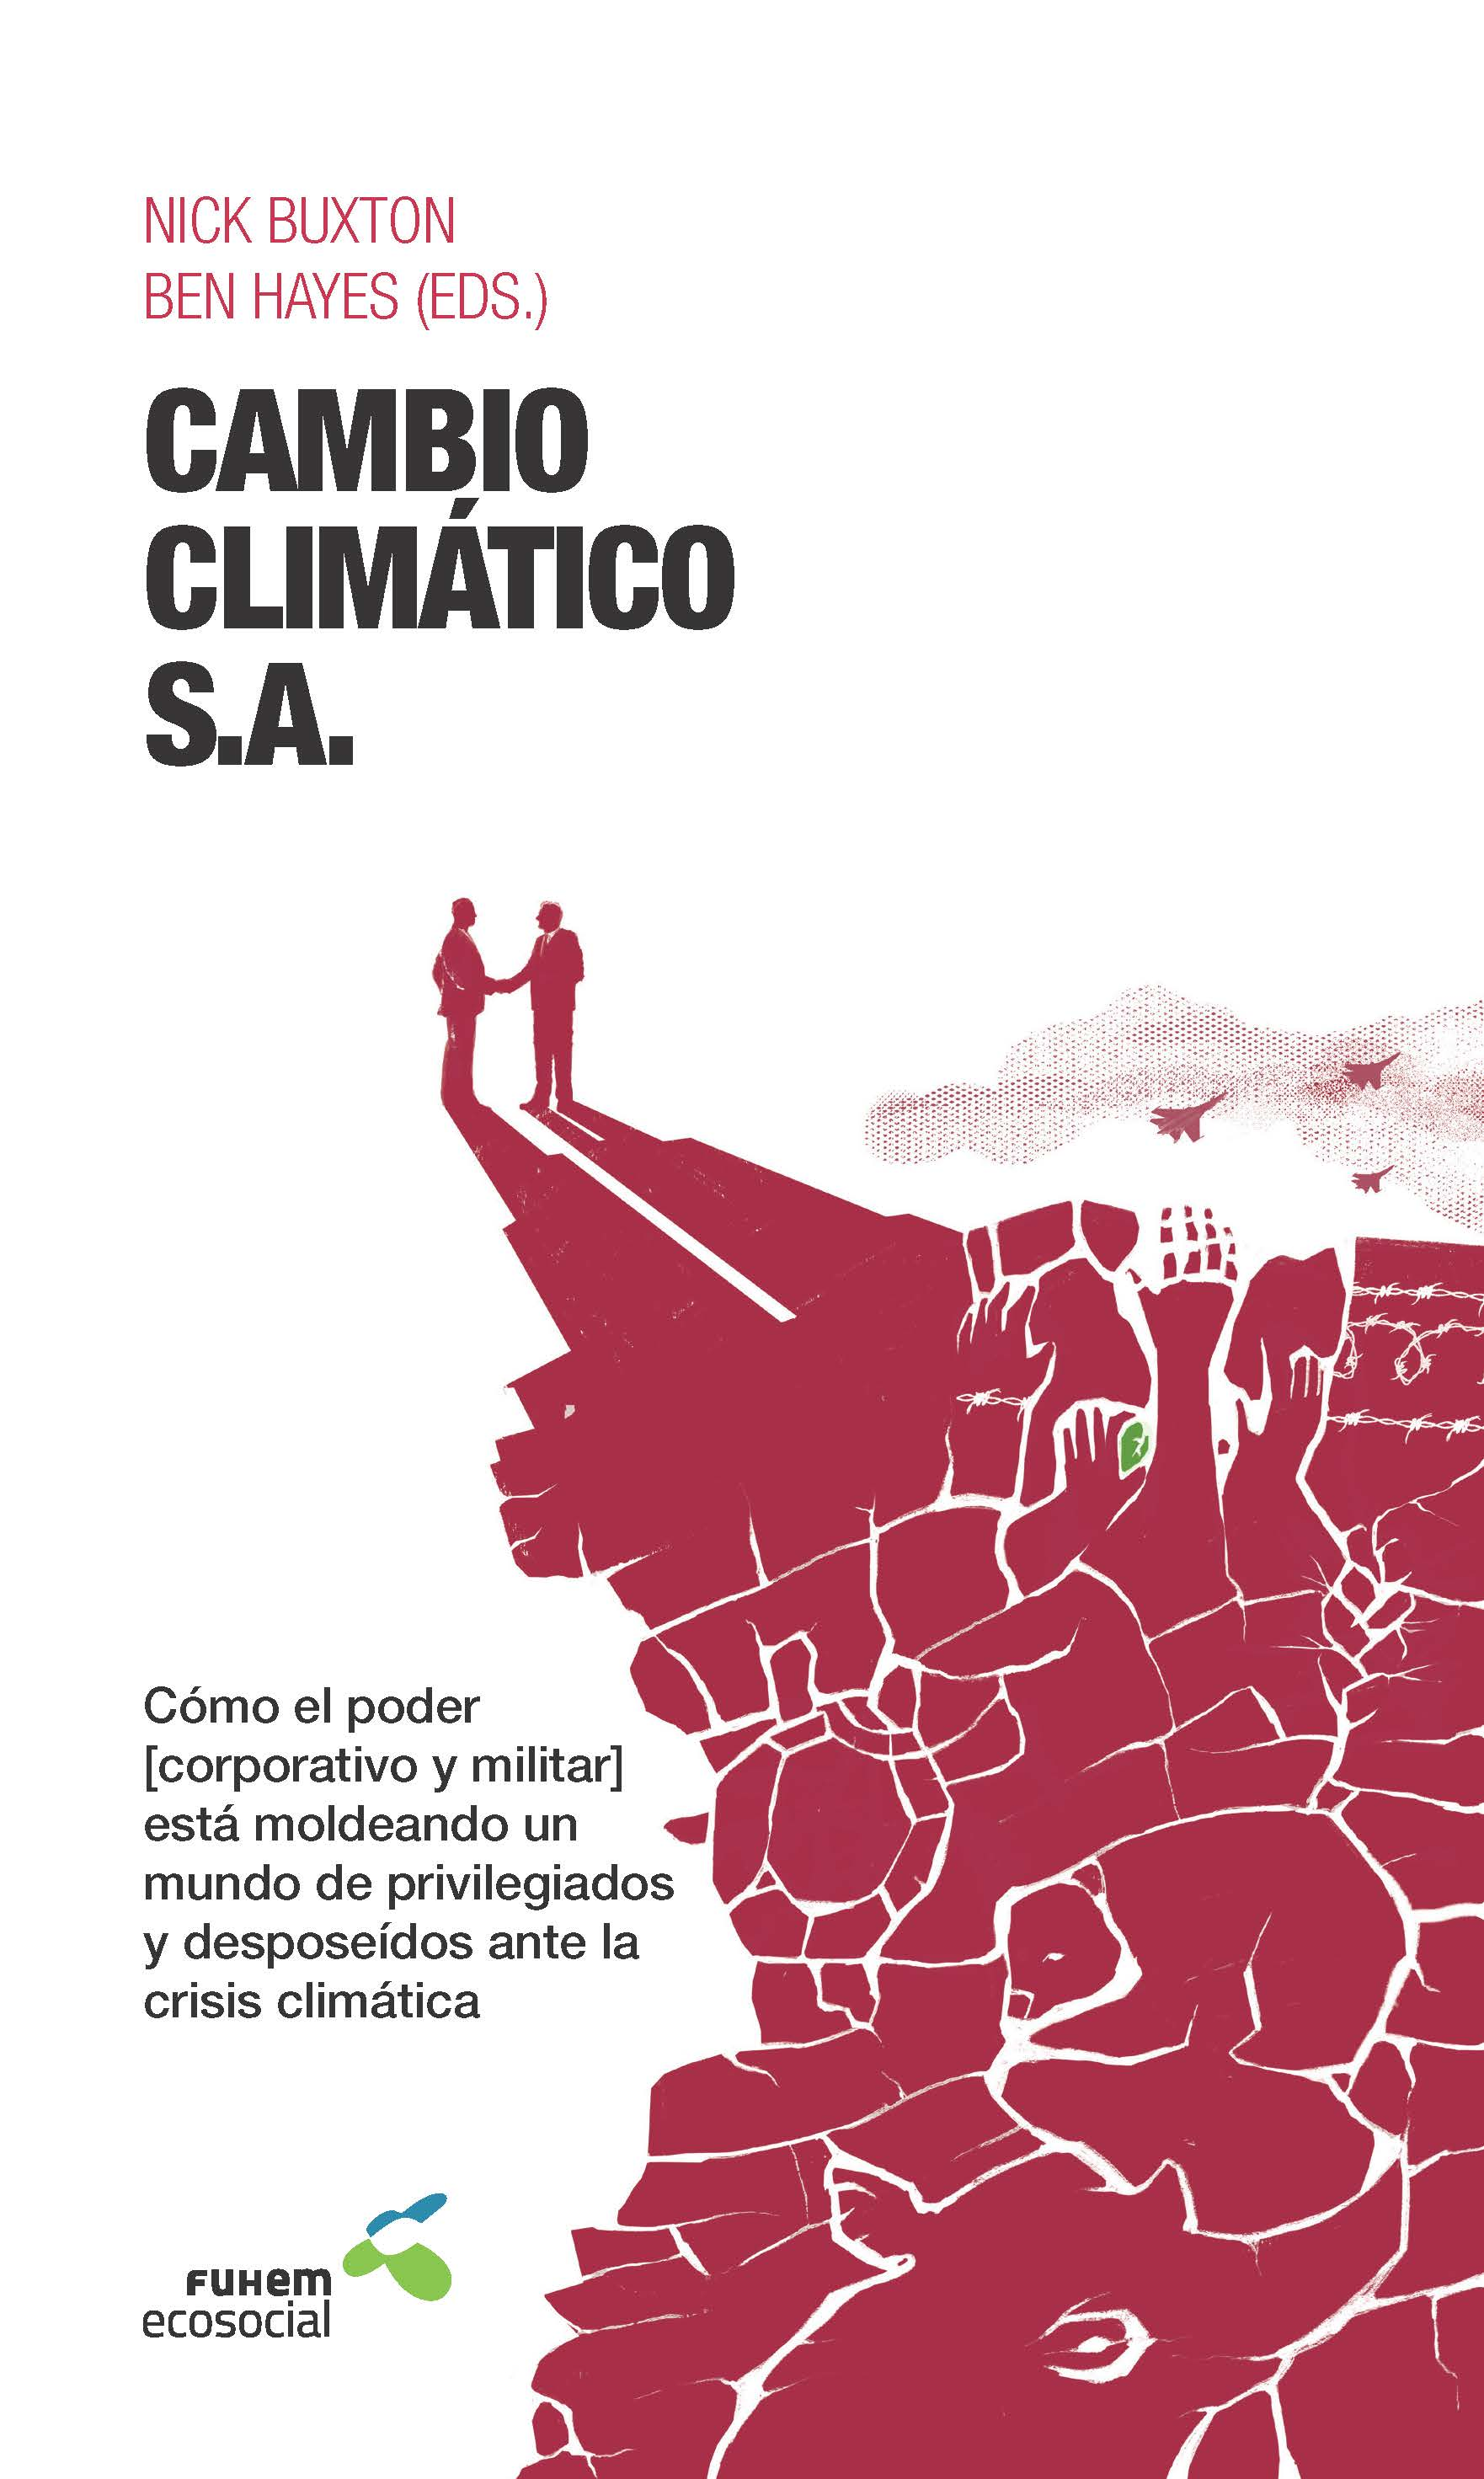 Cambio Climático S.A. Nueva publicación de FUHEM Ecosocial